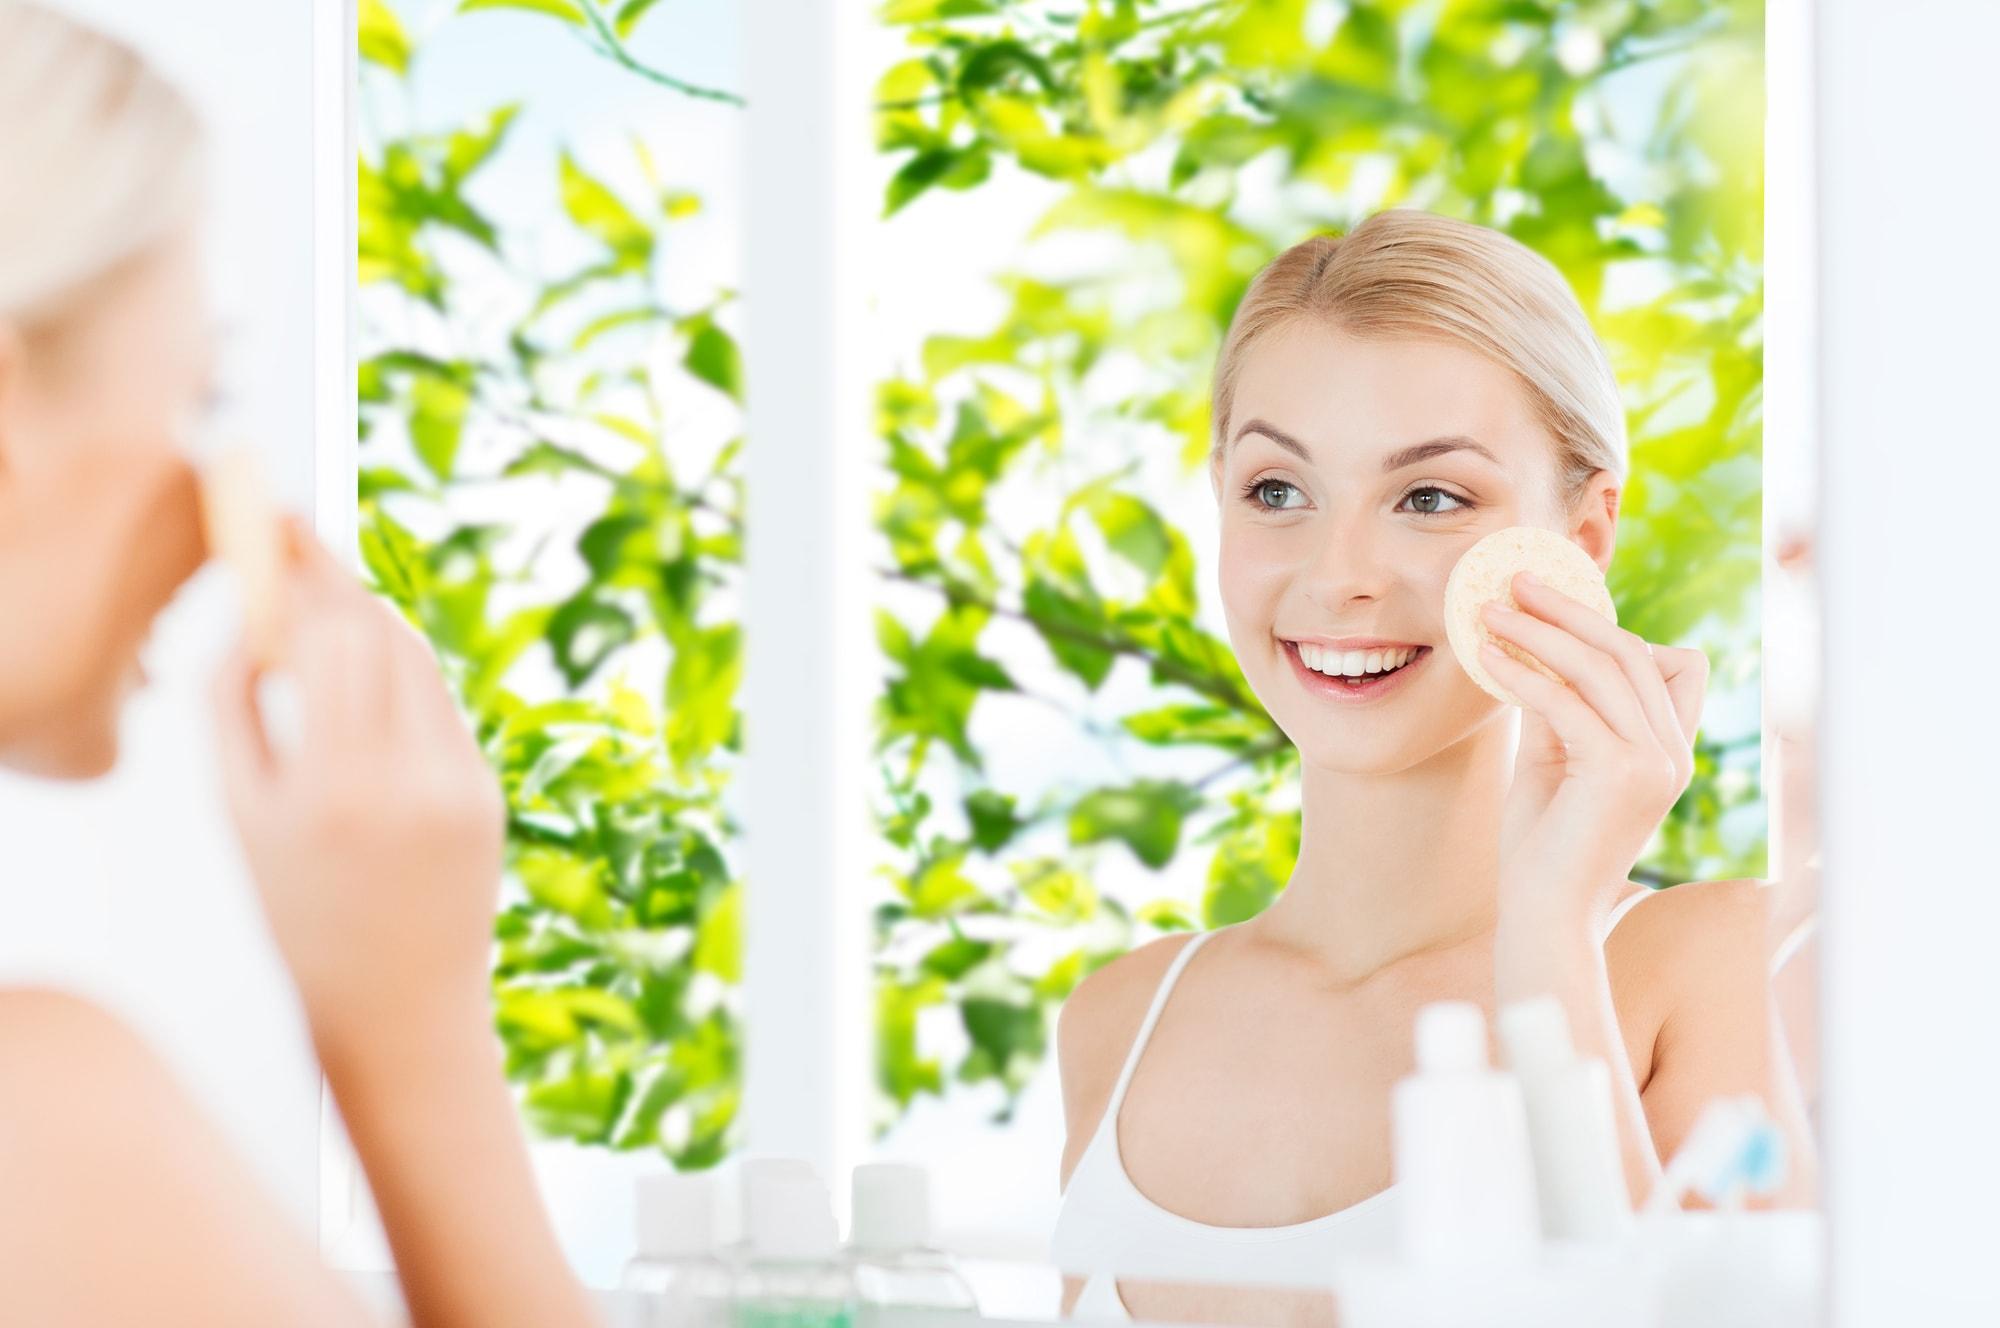 Peelingi do twarzy. Jak pomagają Twojej skórze? (kobieta.dlastudenta.pl) Peelingi do twarzy. Jak pomagają Twojej skórze?